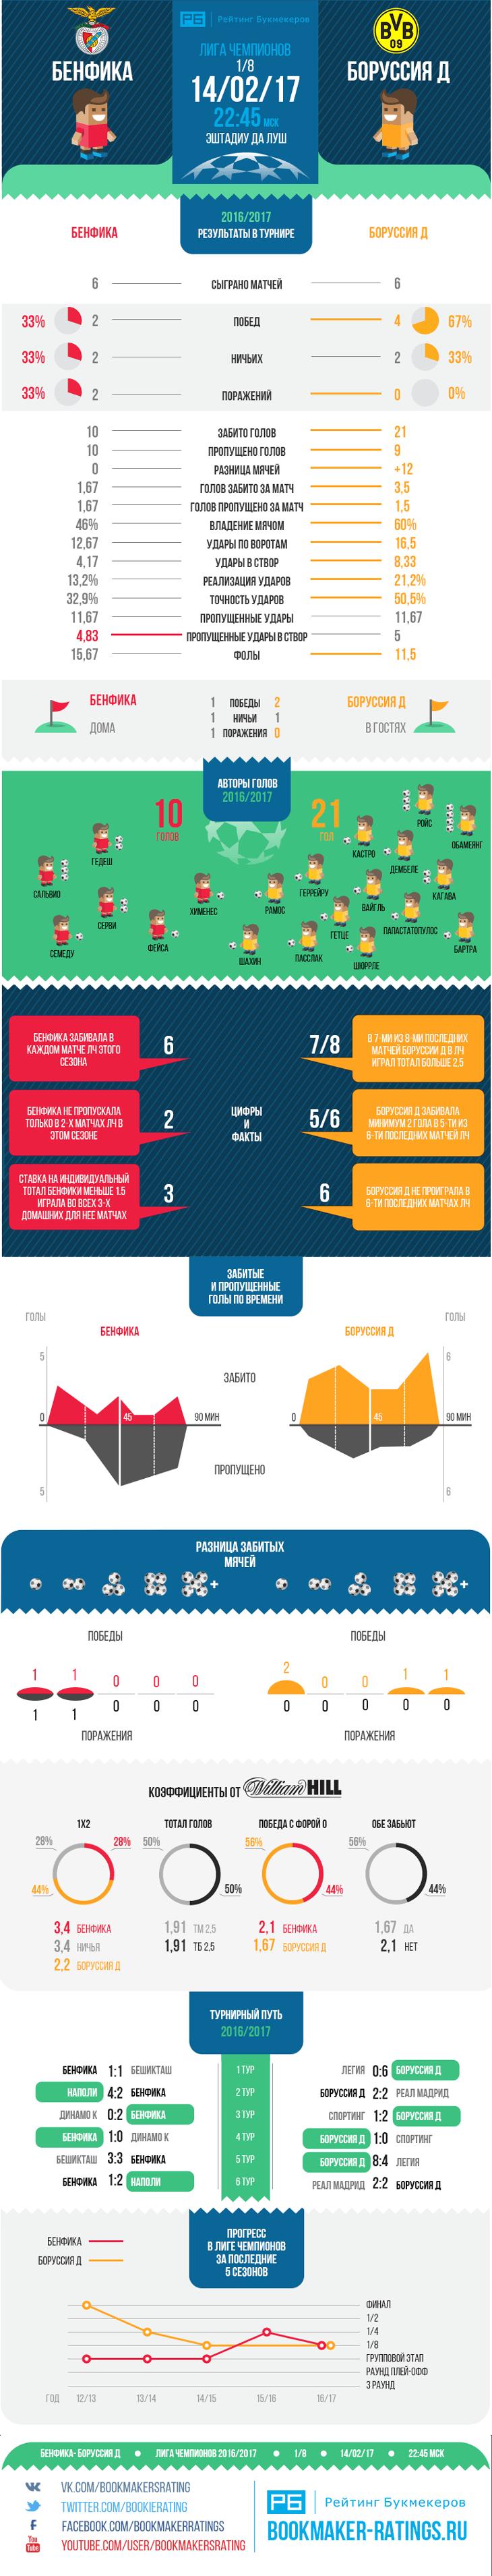 Боруссия дортмунд реал мадрид статистика